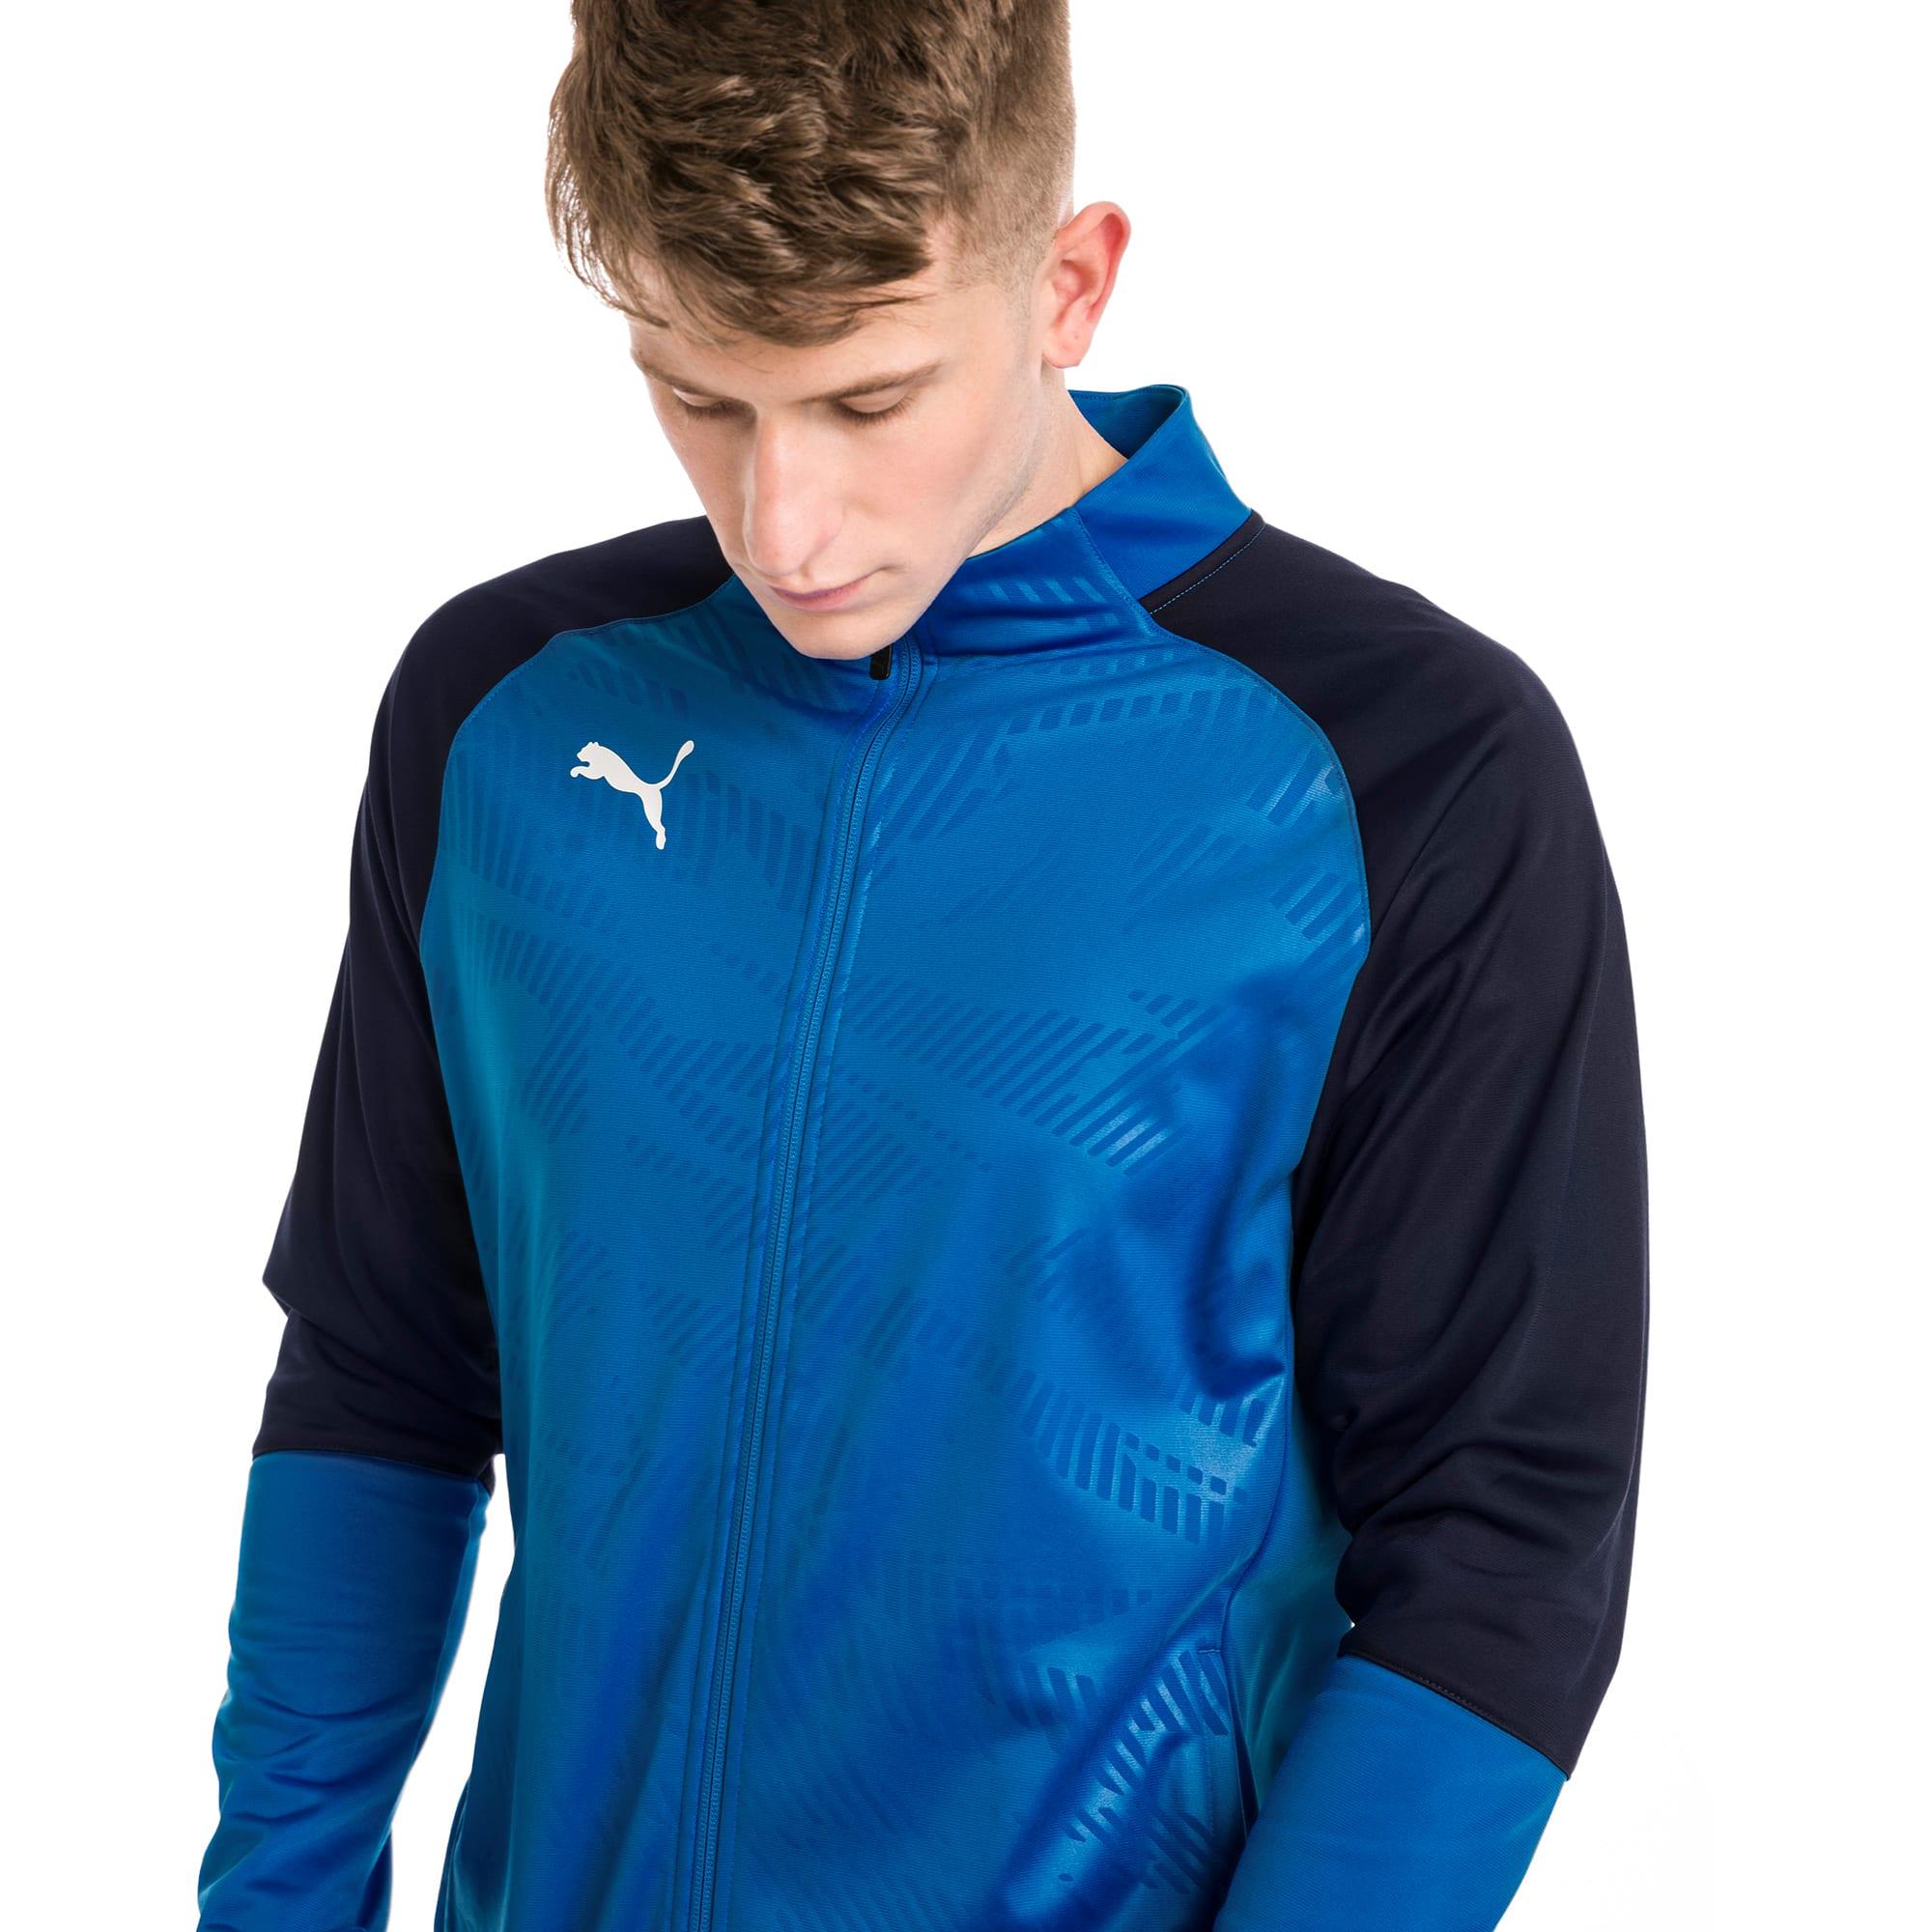 blouson de survêtement pour le foot cup training poly core pour homme, bleu, taille xl, vêtements